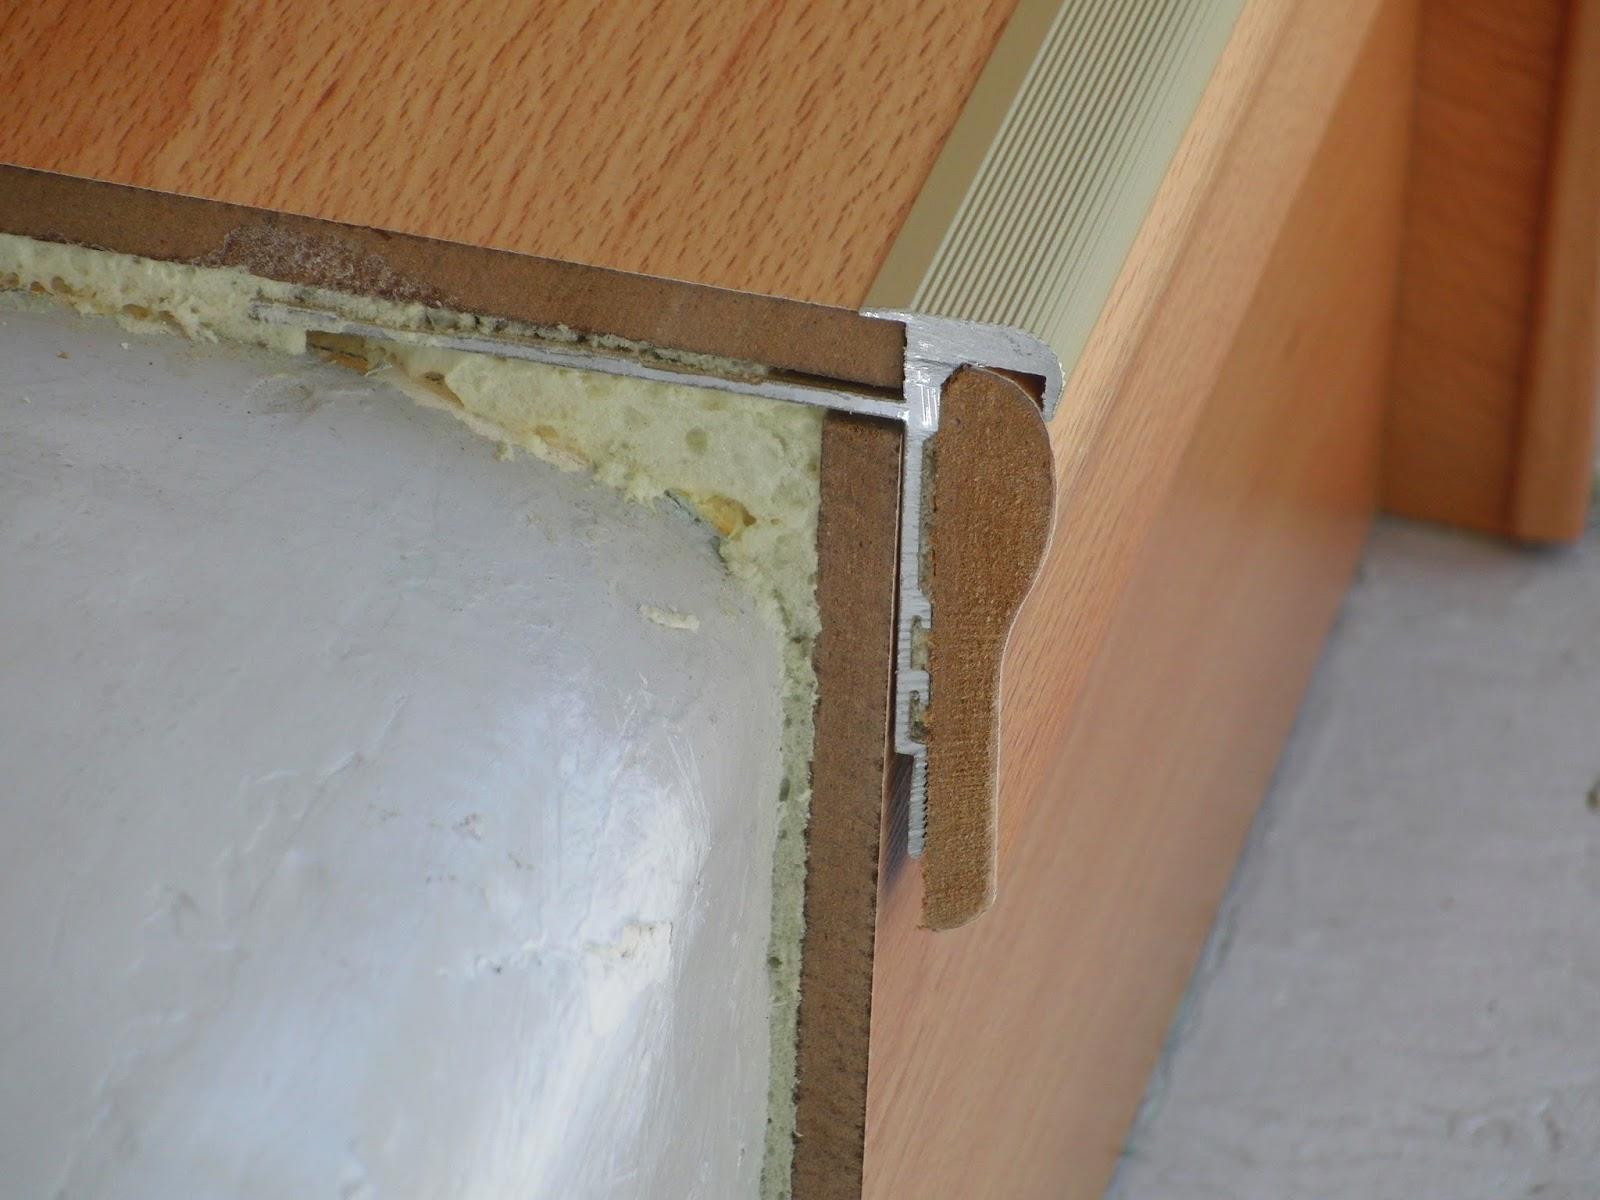 Treppenrenovierung - HK-Profil Standart-Sicherheitssystem